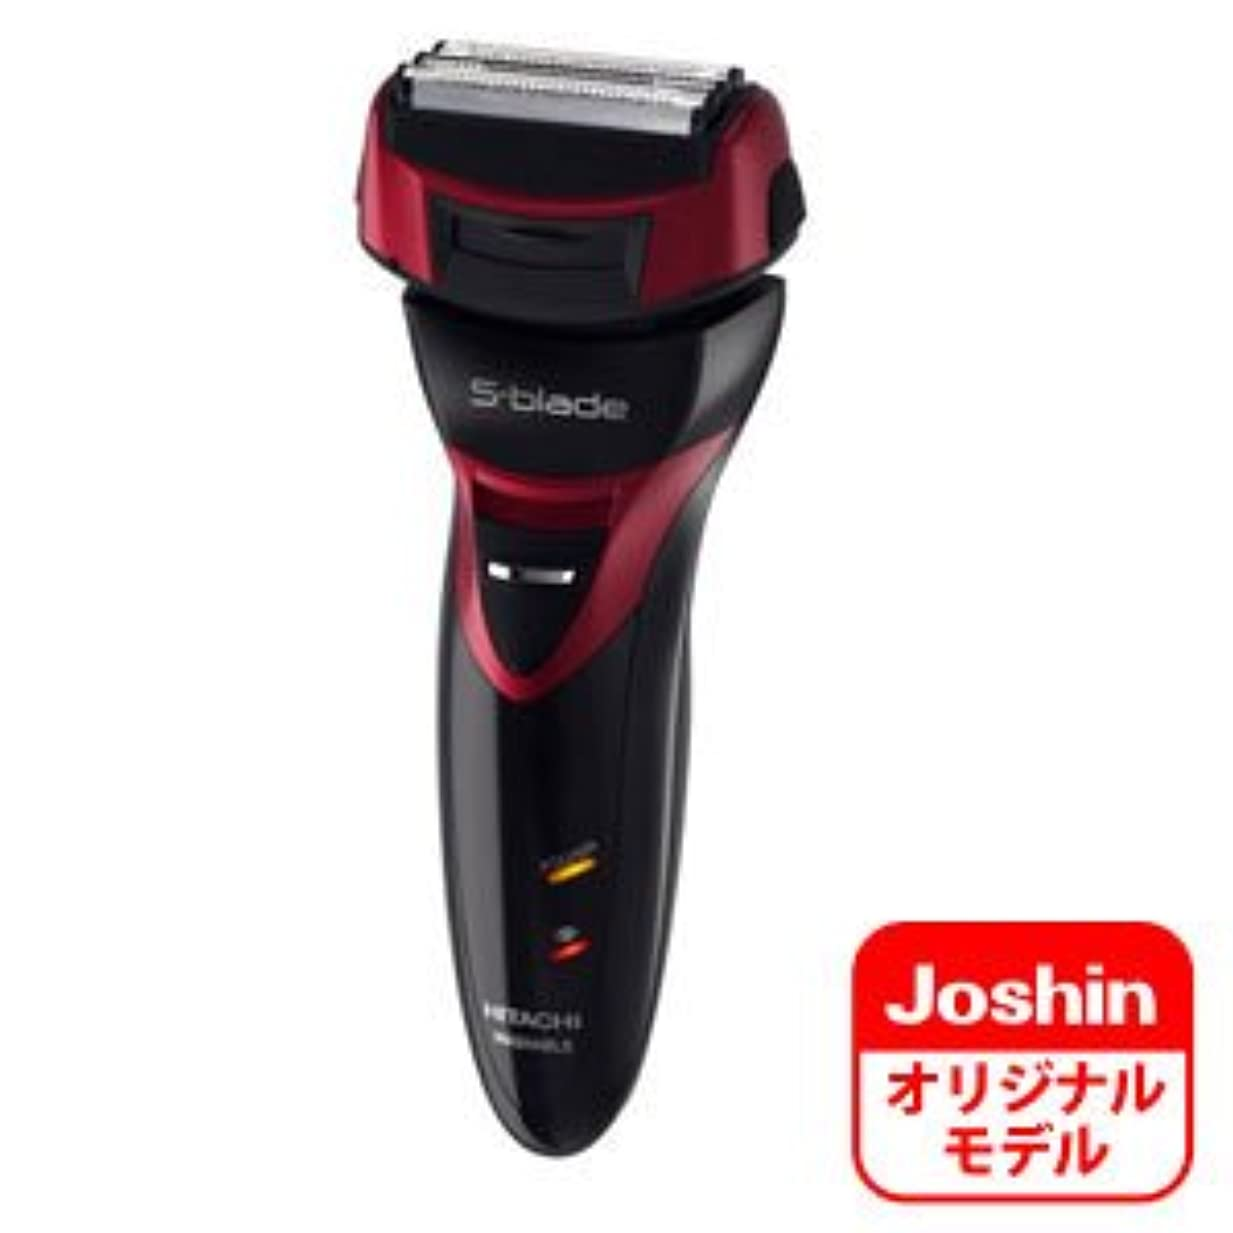 標高再発する感染する日立 メンズシェーバー(ディープレッド)HITACHI S-blade(エスブレード)【4枚刃】RM-F413のJoshinオリジナルモデル RM-F16J-R